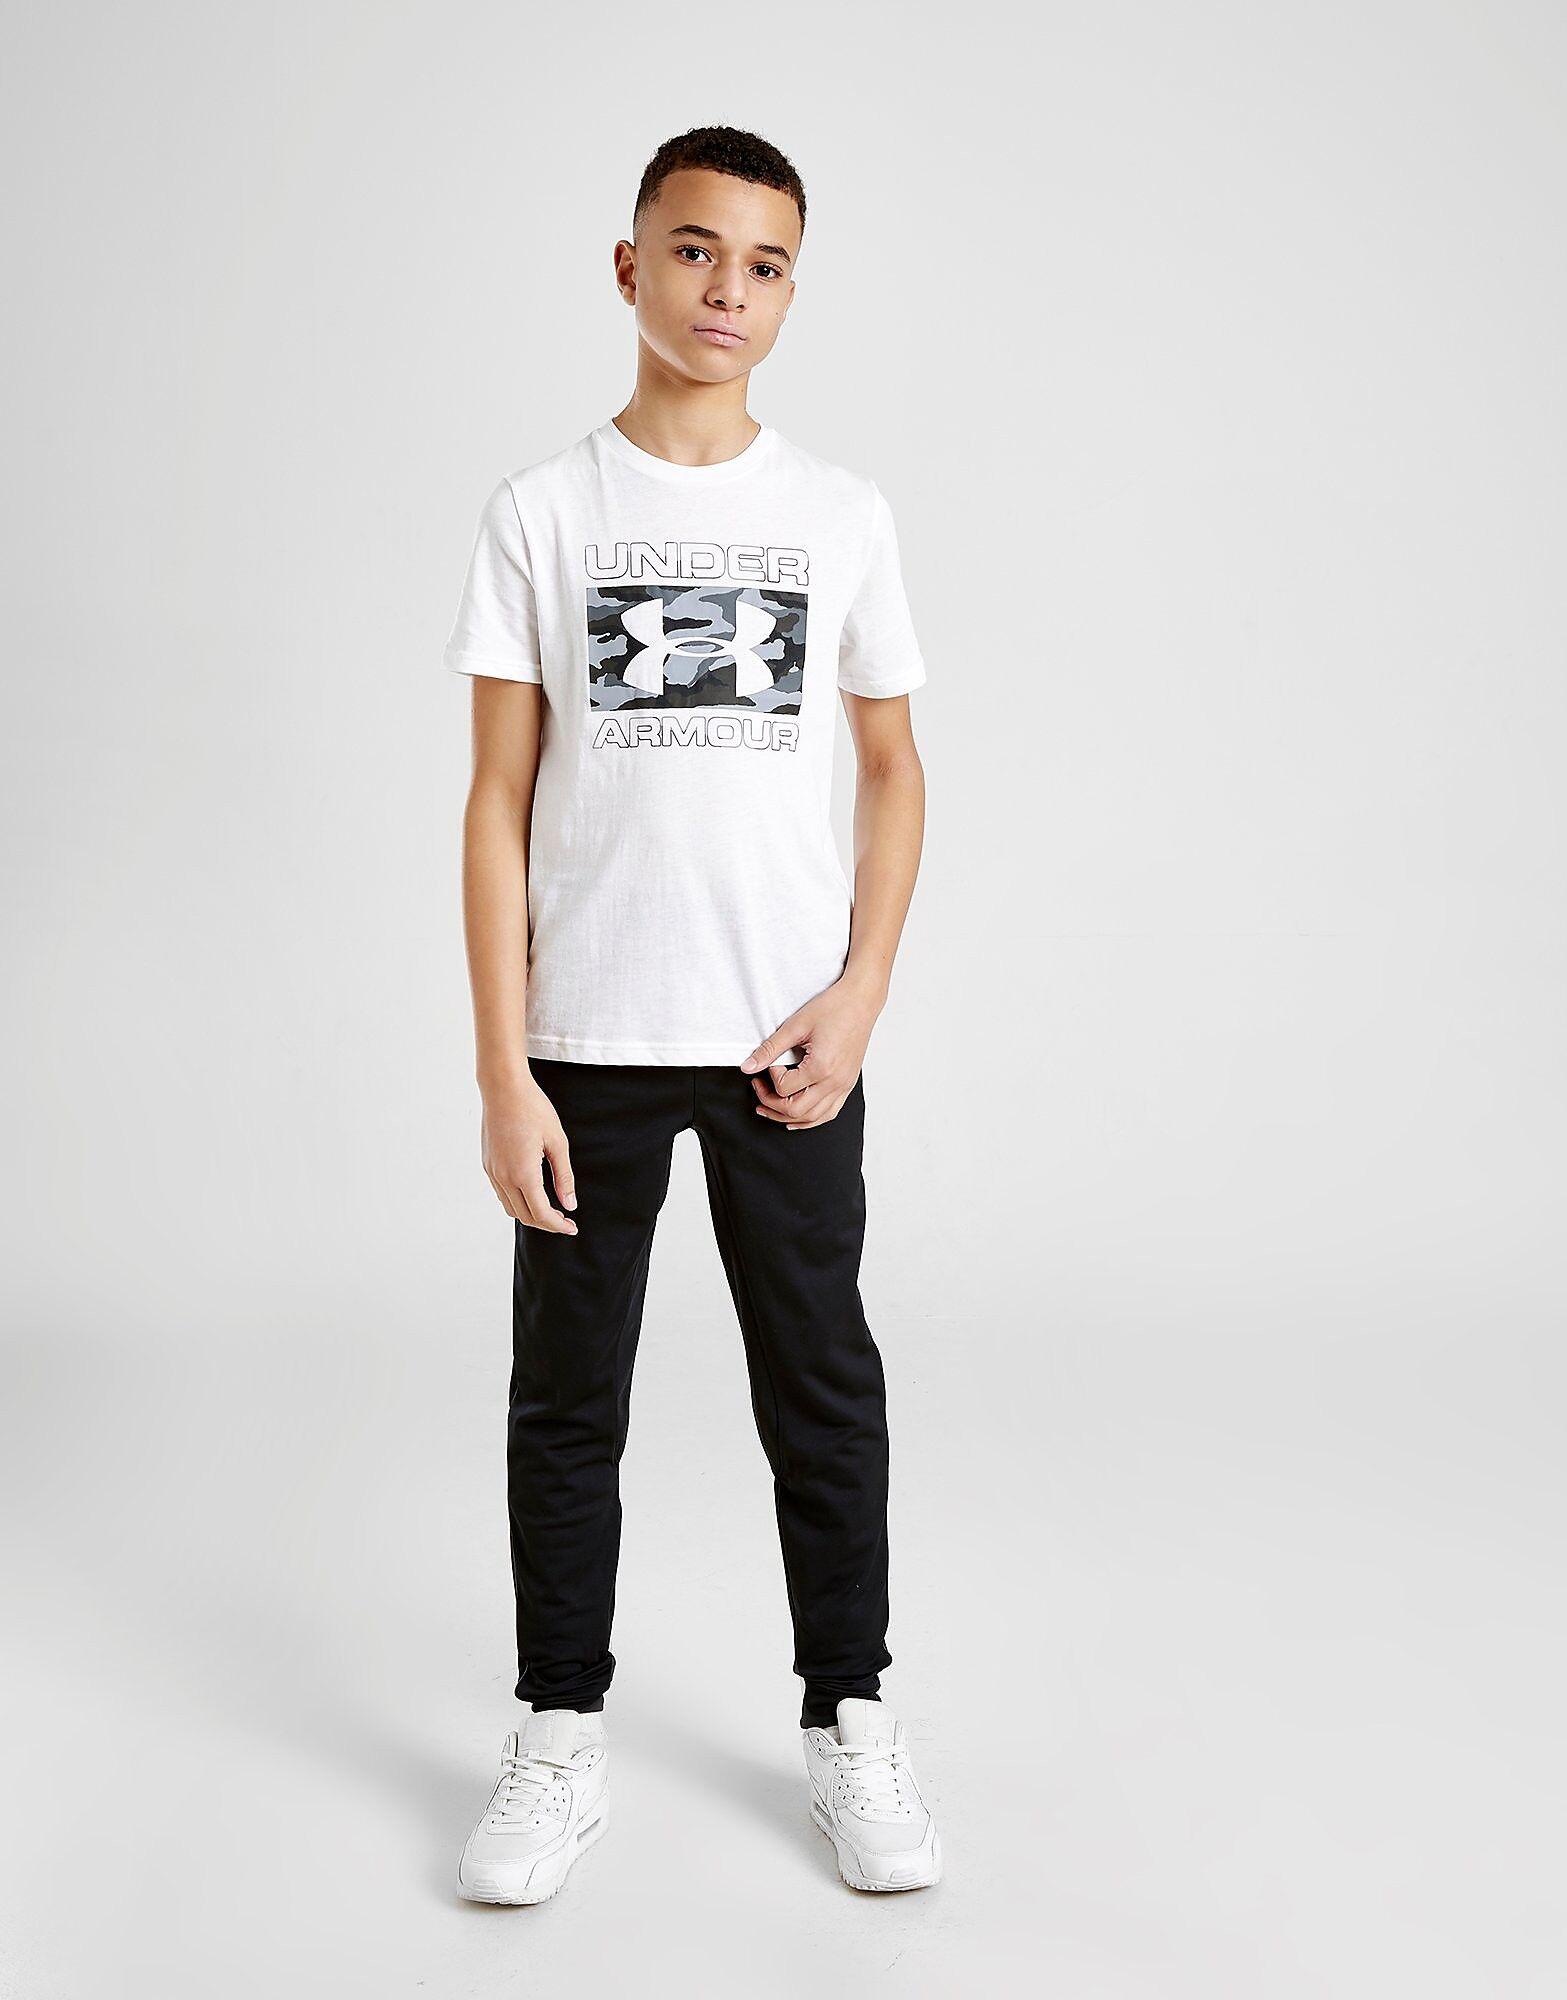 Under Armour Brand Stack T-Paita Juniorit - Kids, Valkoinen  - Valkoinen - Size: 14+Y